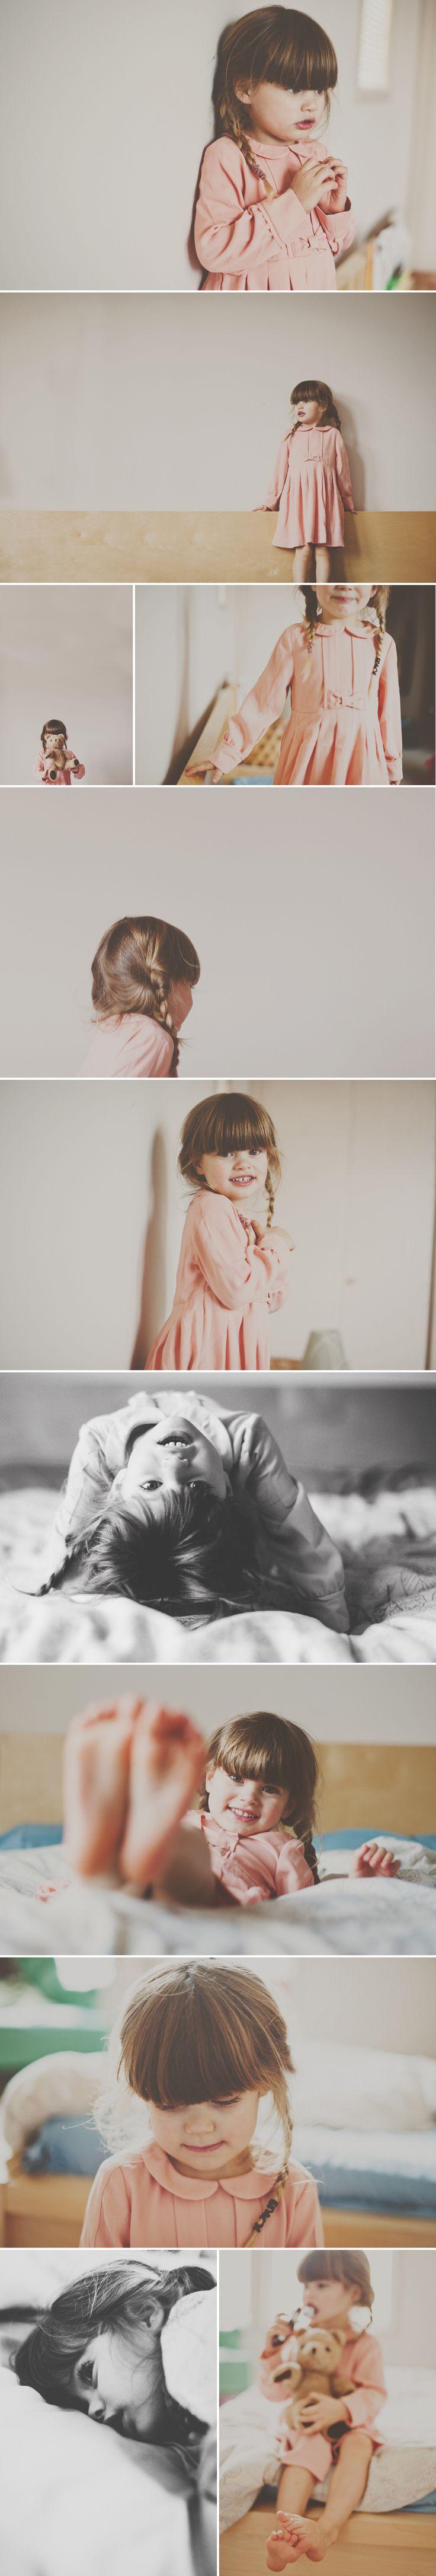 La niña a un lado. Los colores, sencillez.